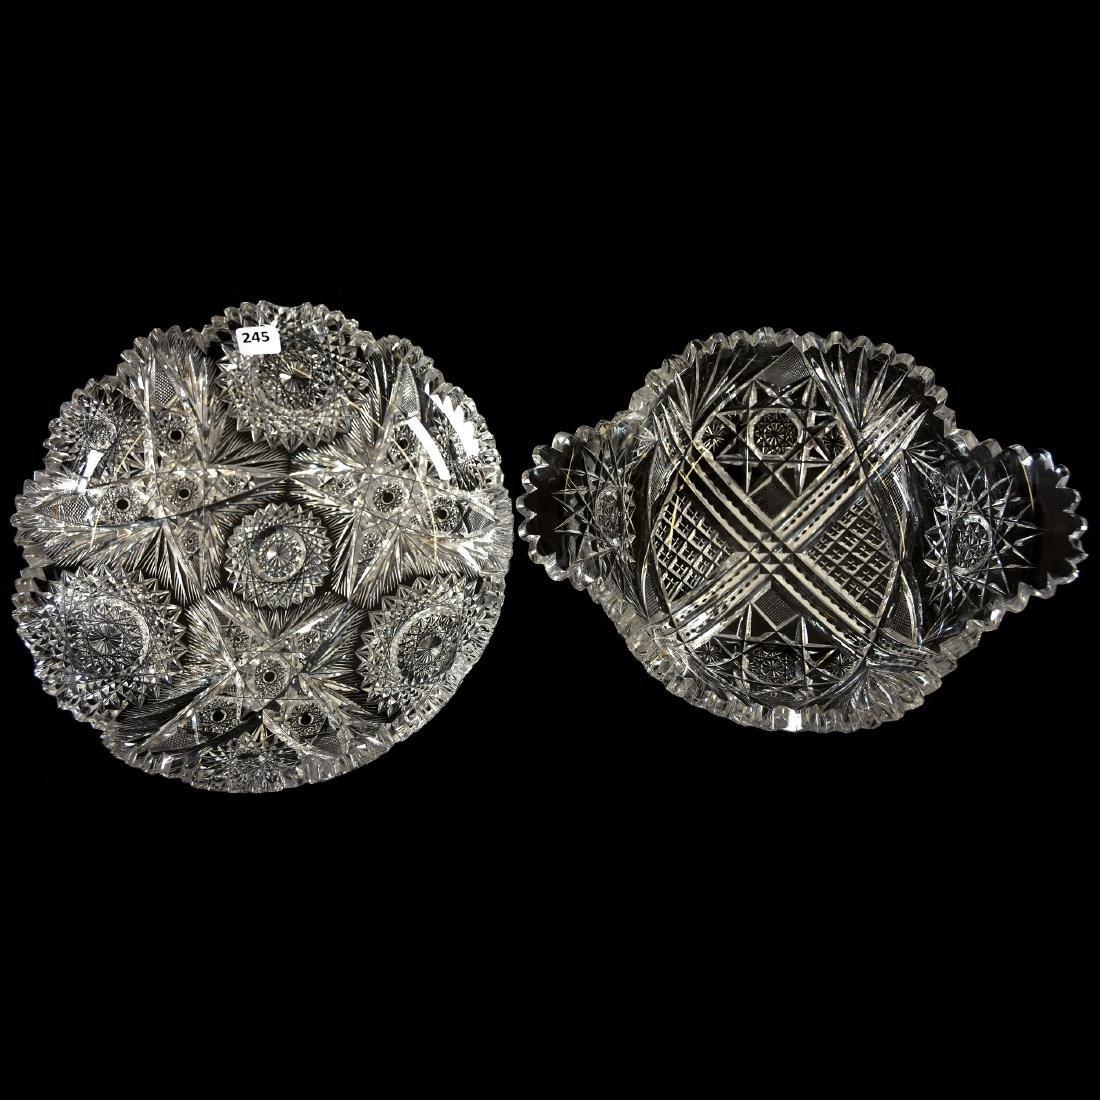 (2) Bowls, Various Patterns